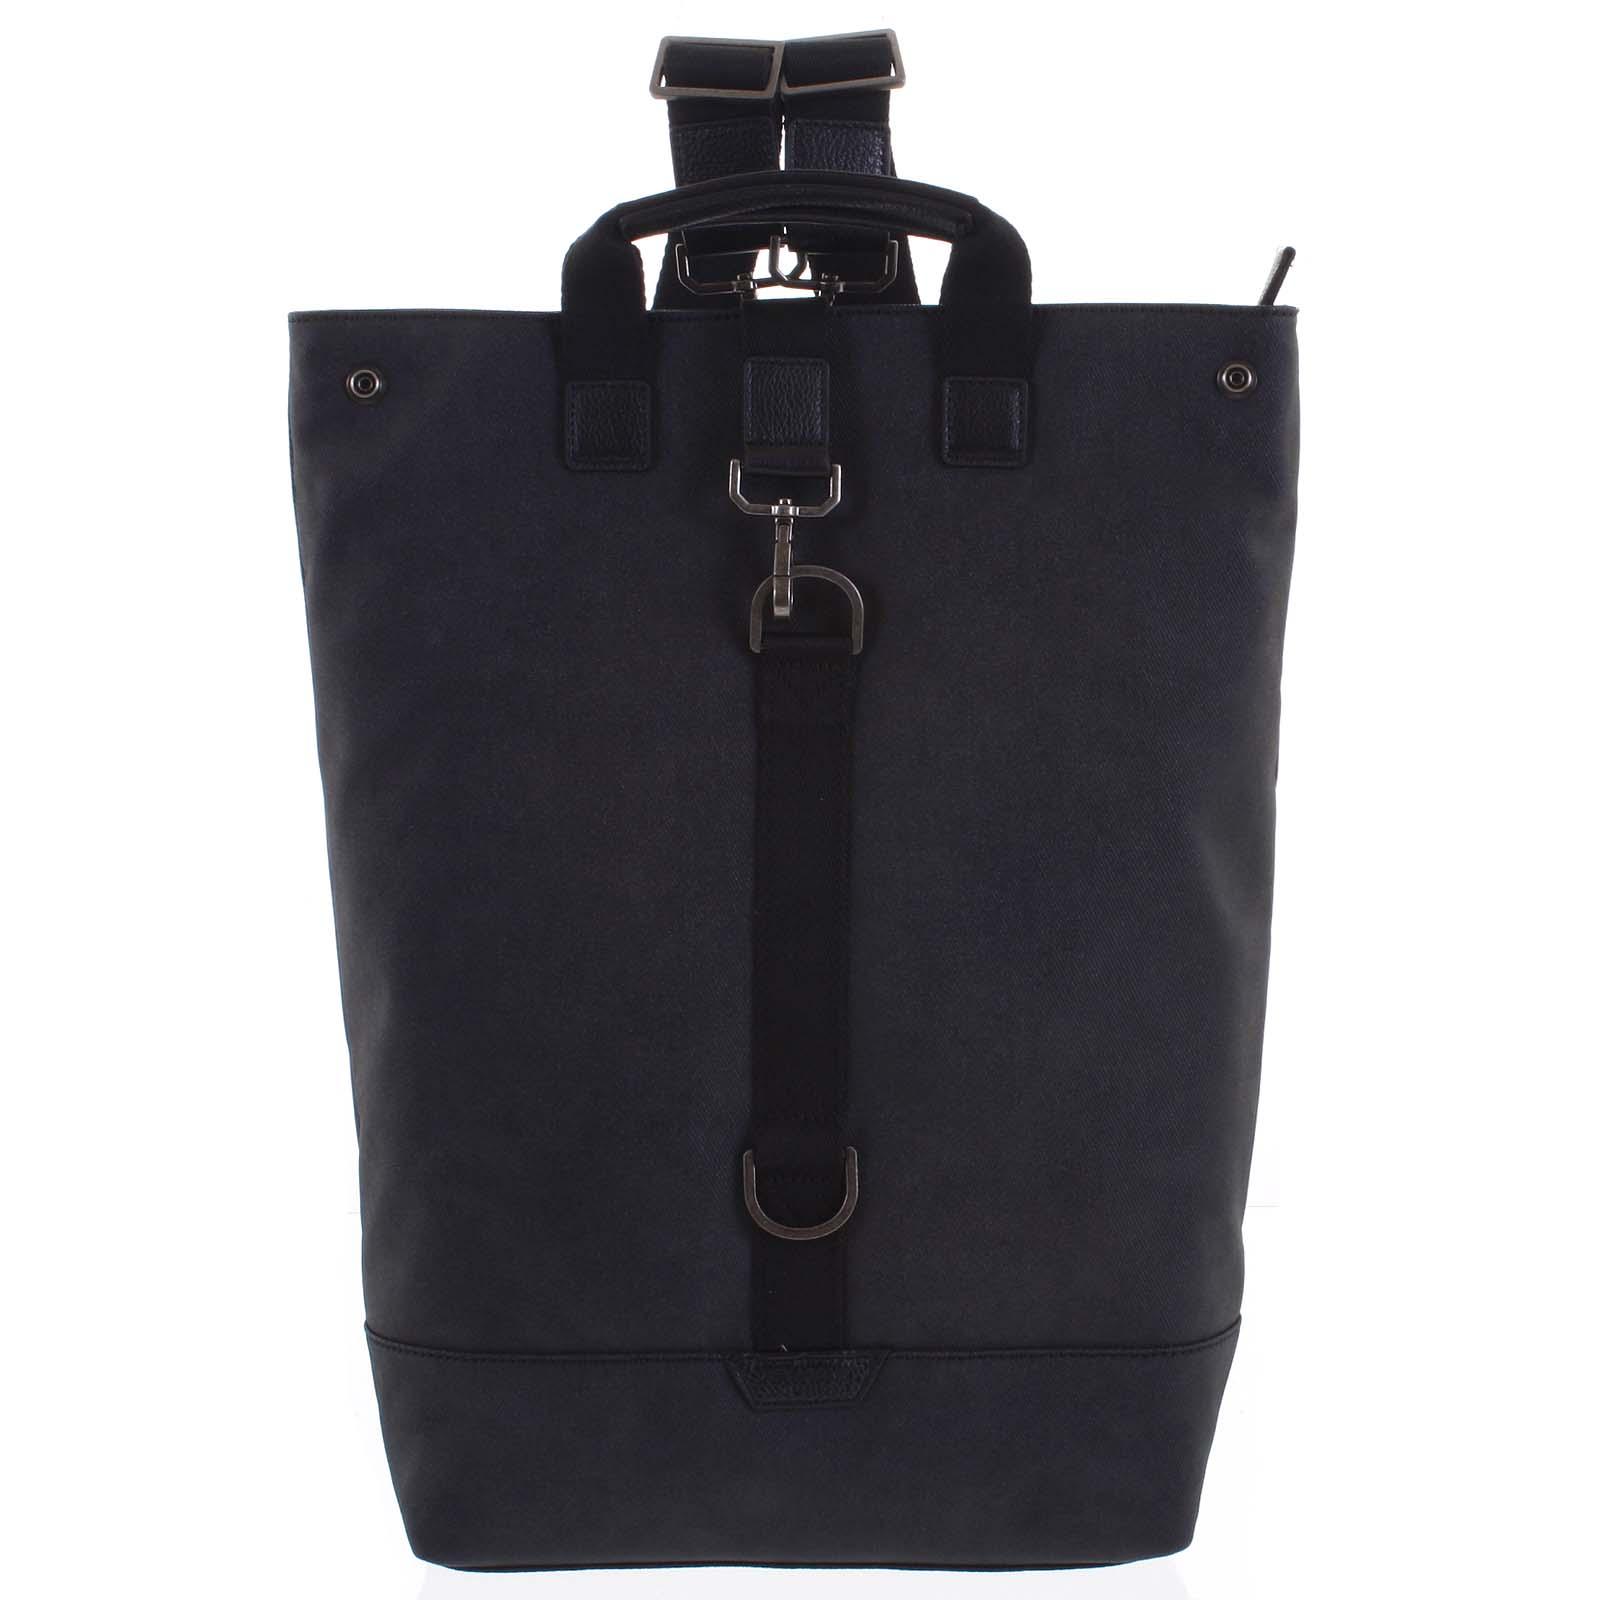 Pánsky veľký batoh čierny - Hexagona Adrien čierna